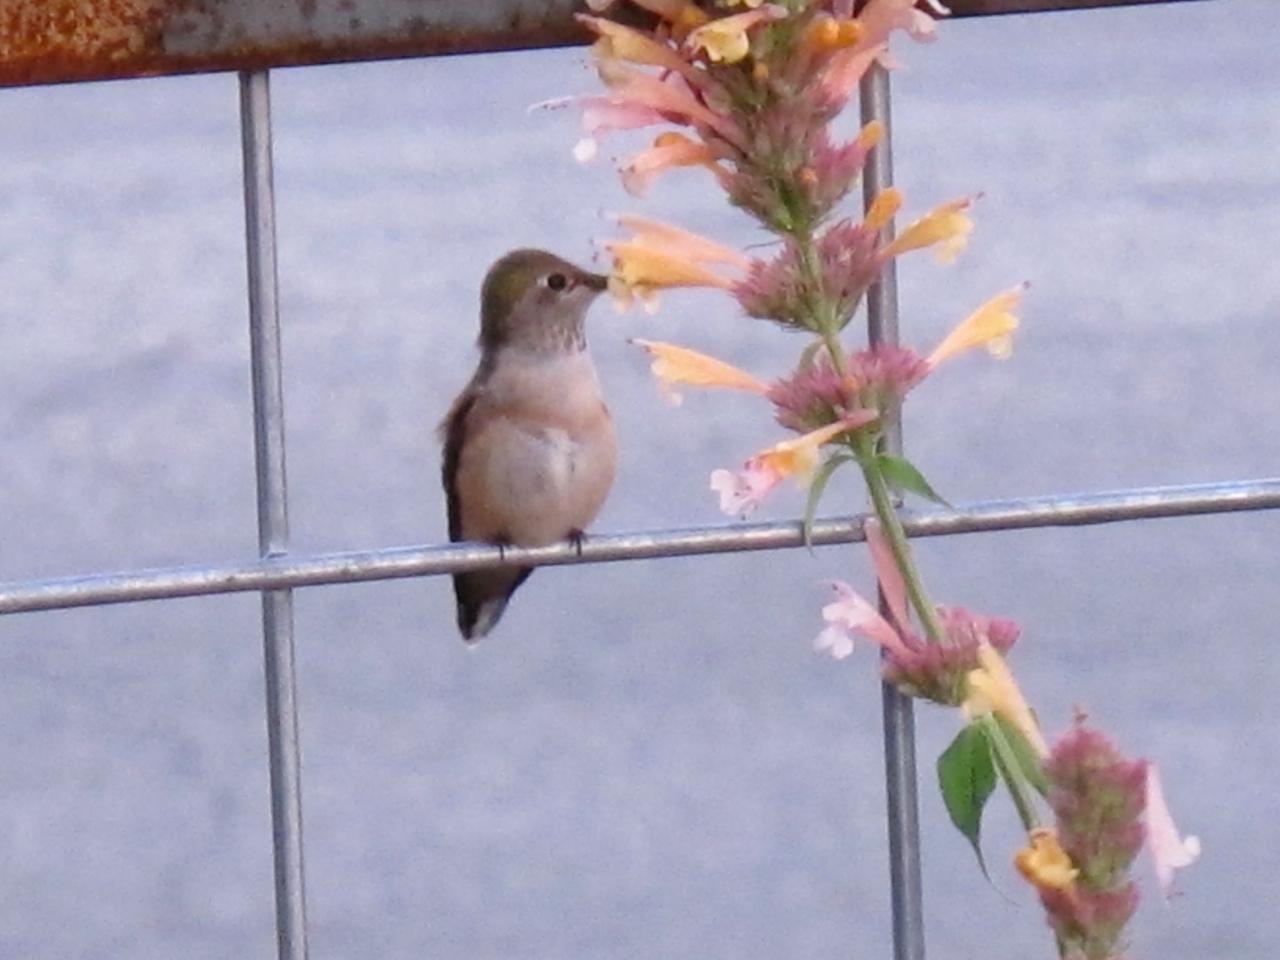 Calliope hummingbird habitat